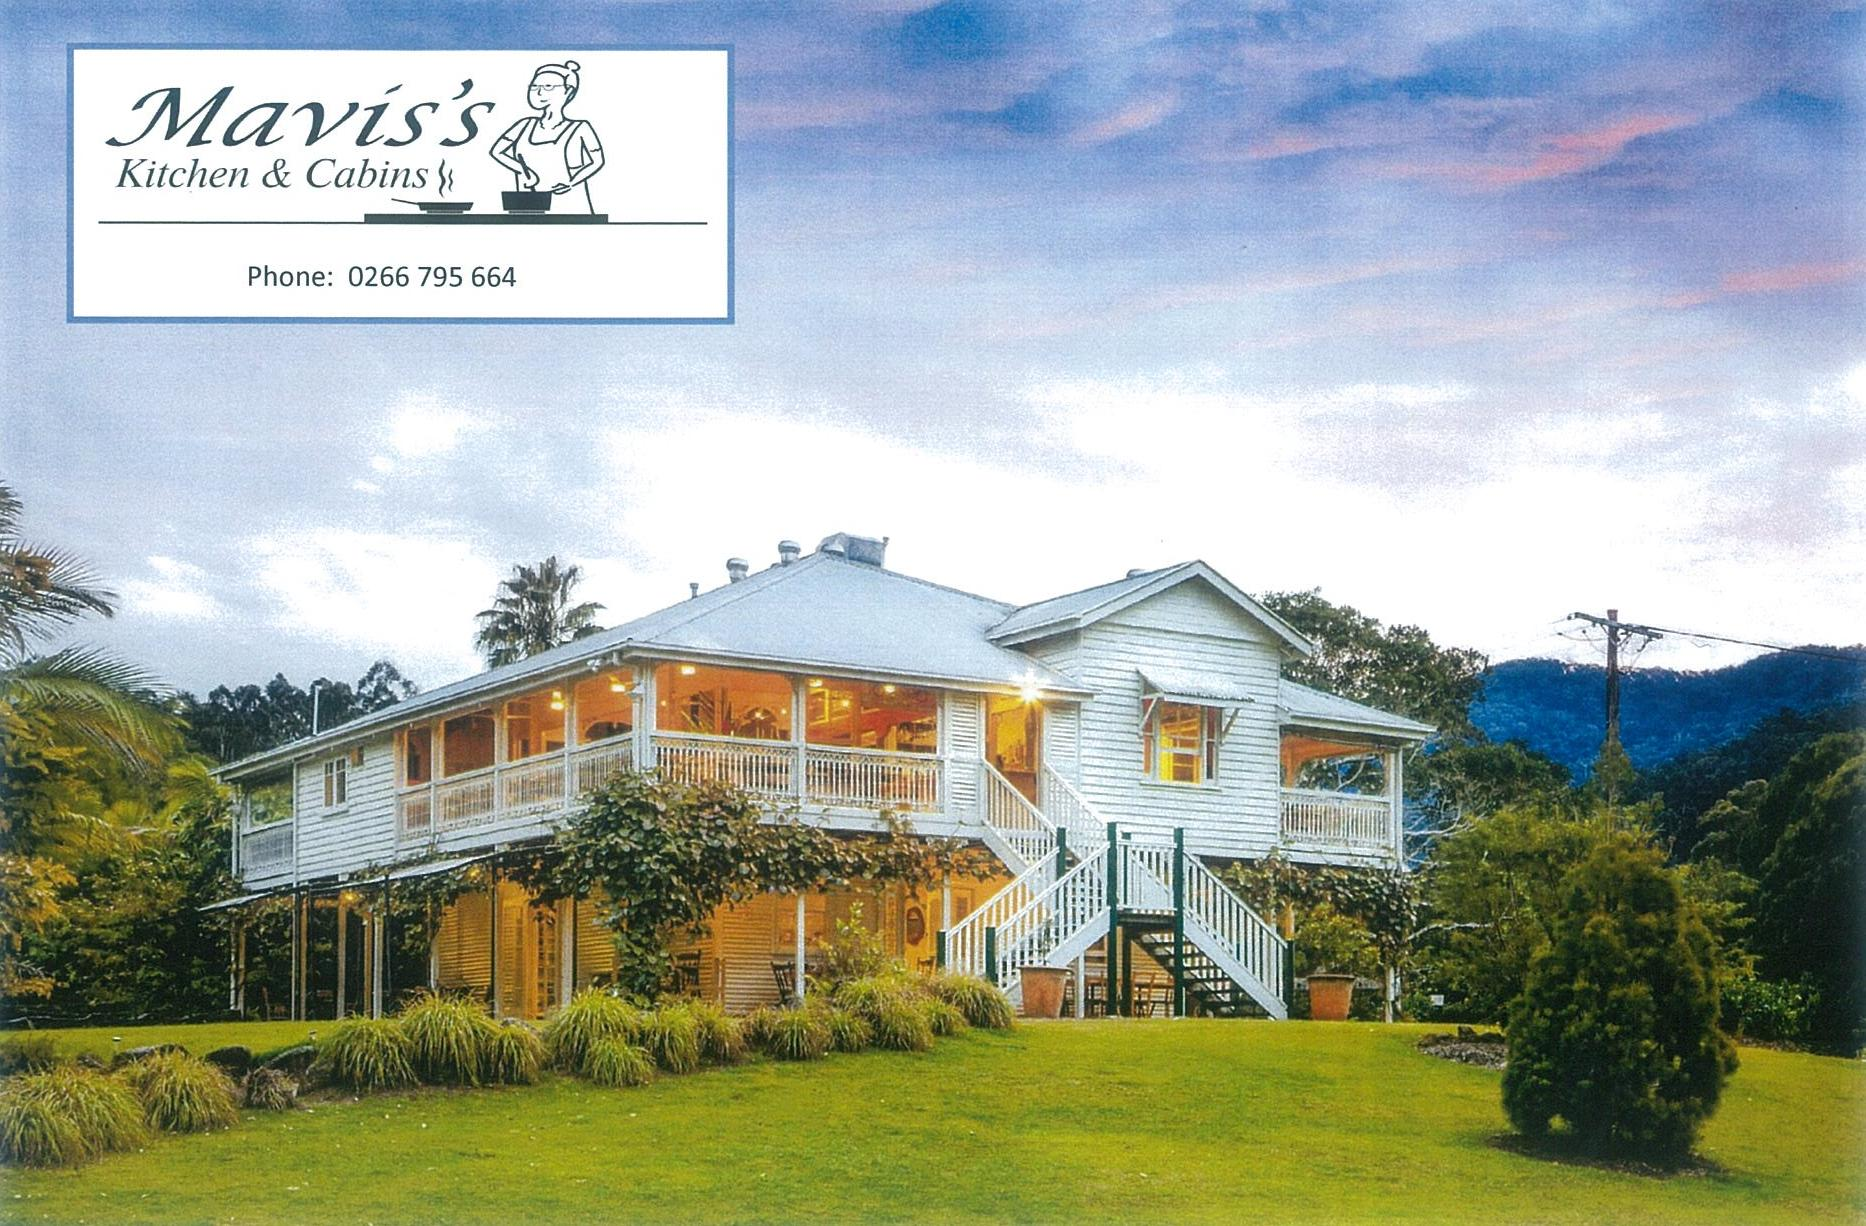 Mavis's Kitchen & Cabins